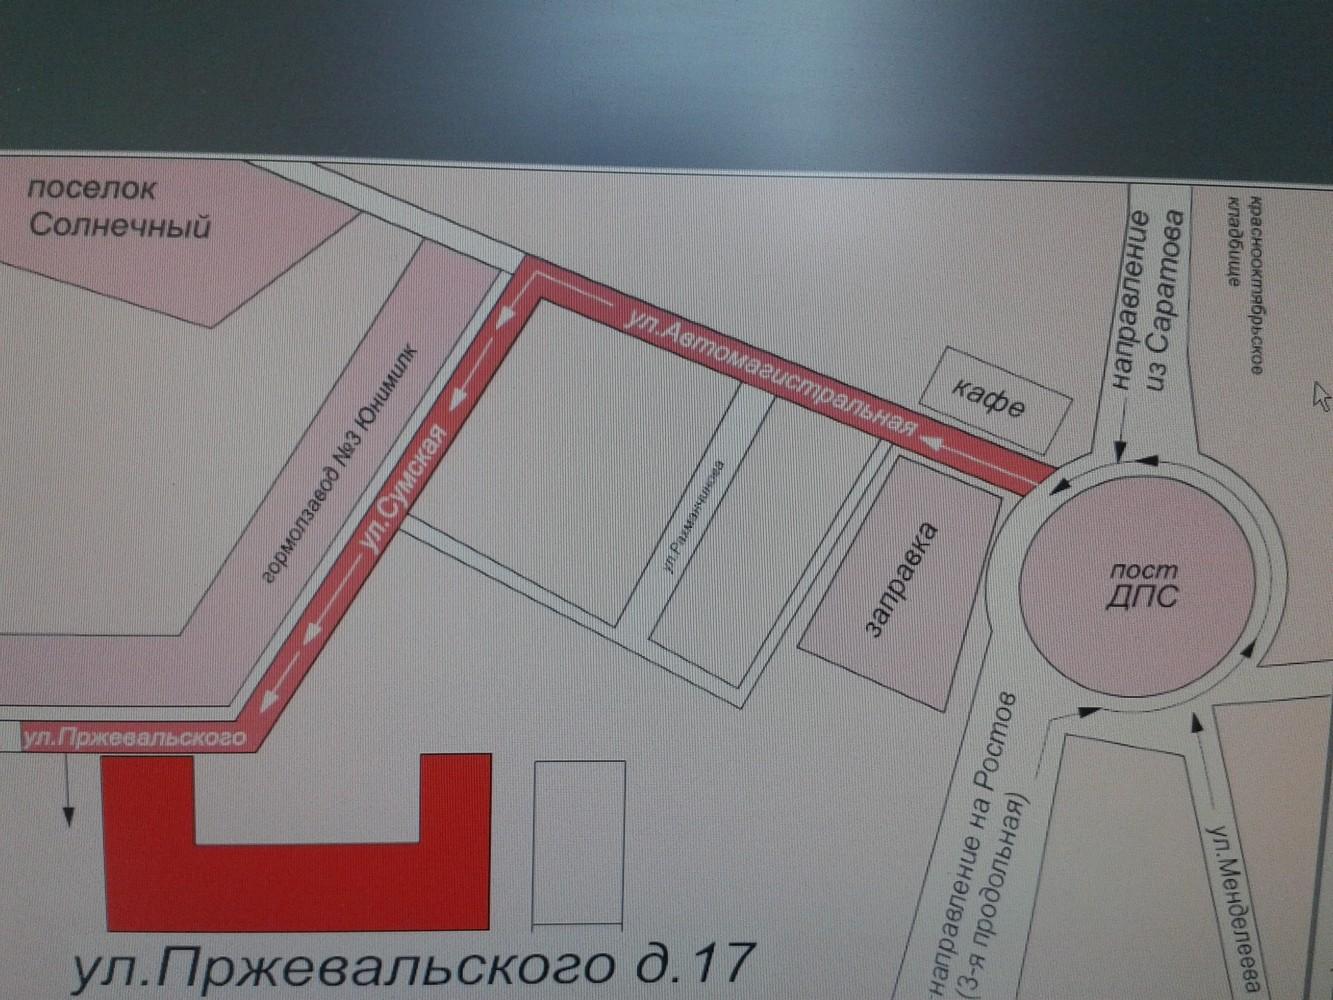 Деловой визит, мини-отель - №1